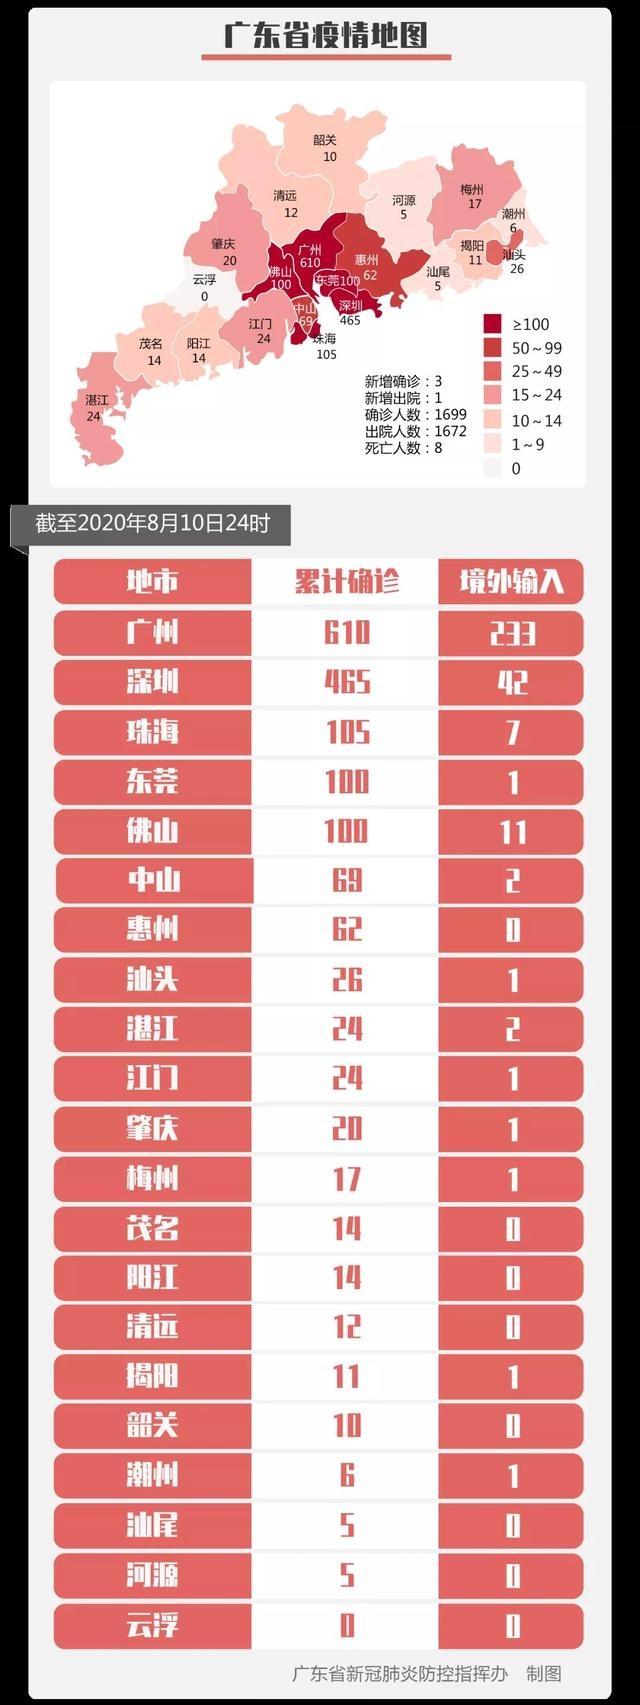 8月10日,湛江市无新增